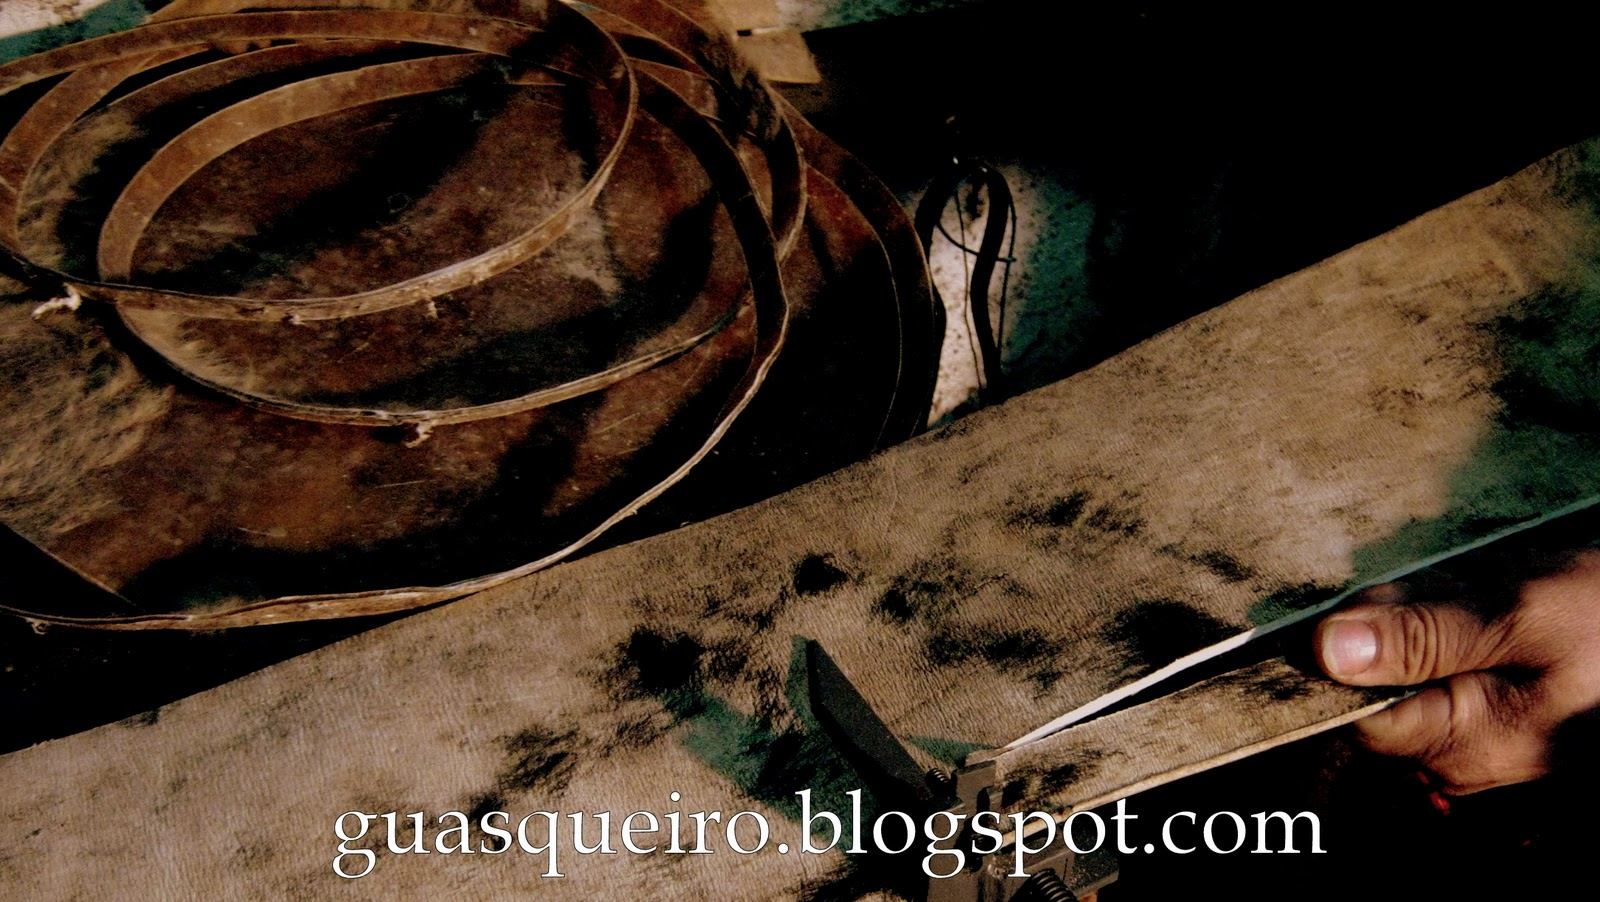 Armario Com Chave Pequeno ~ Ferramentas e materiais para guasqueria, correaria e artesanato em couro Guasquerias